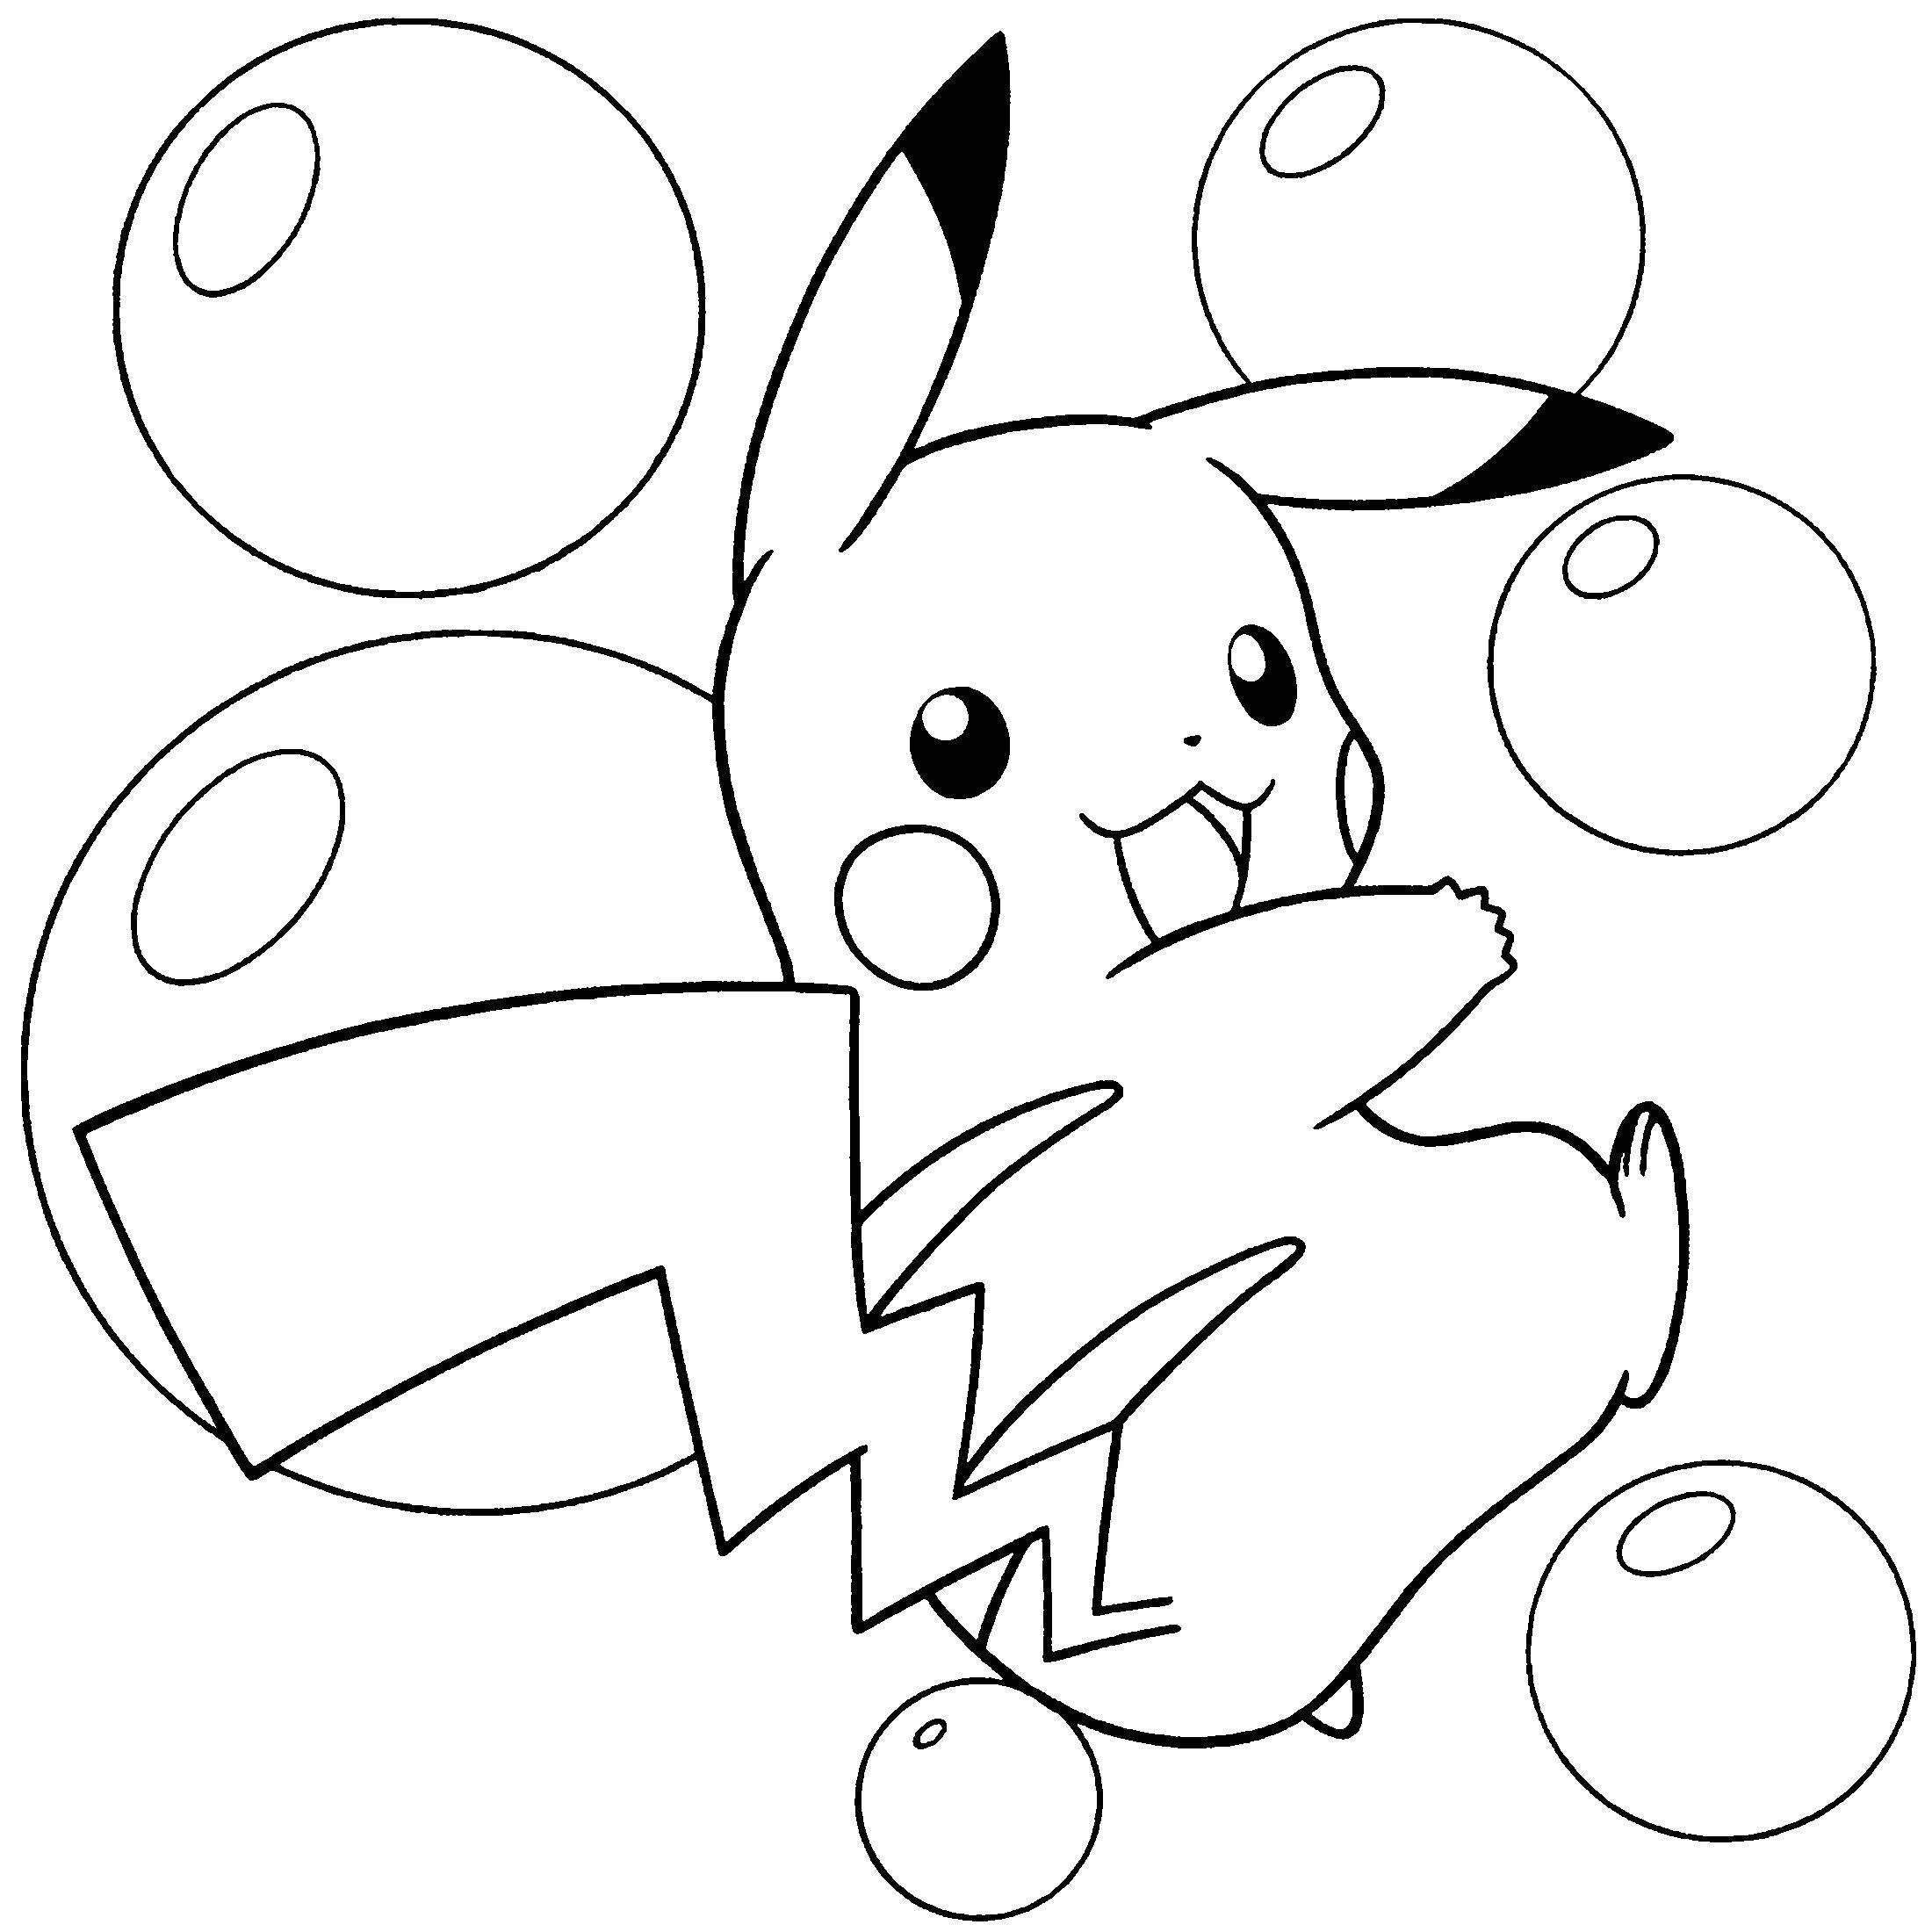 картинки для раскраски покемон пикачу размахивал